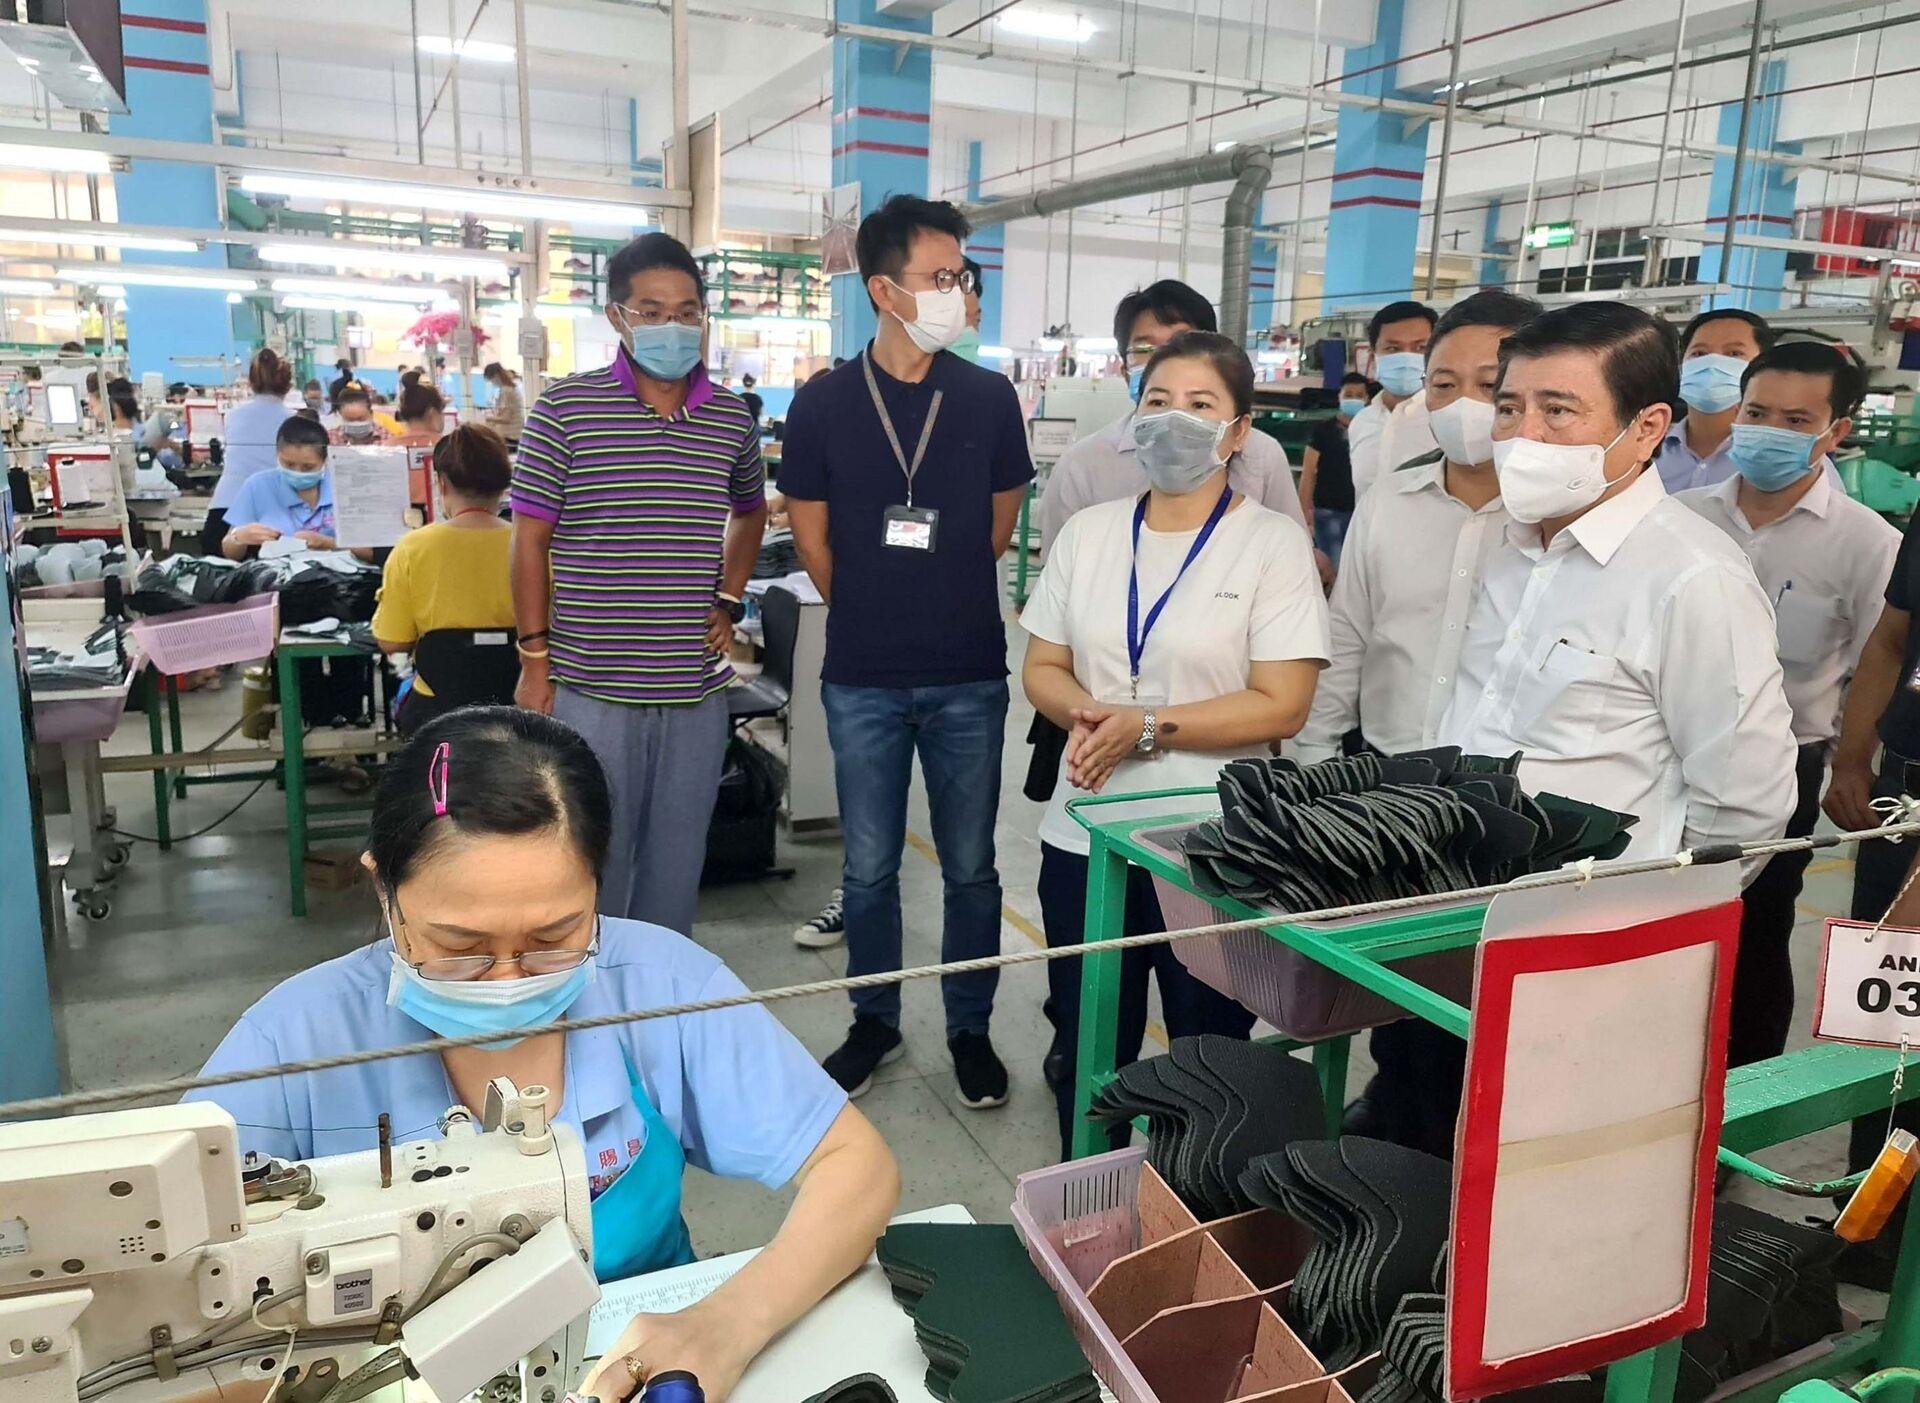 TP.HCM chuẩn bị kịch bản ngăn chặn dịch Covid-19 lây lan vào khu công nghiệp - Sputnik Việt Nam, 1920, 29.05.2021